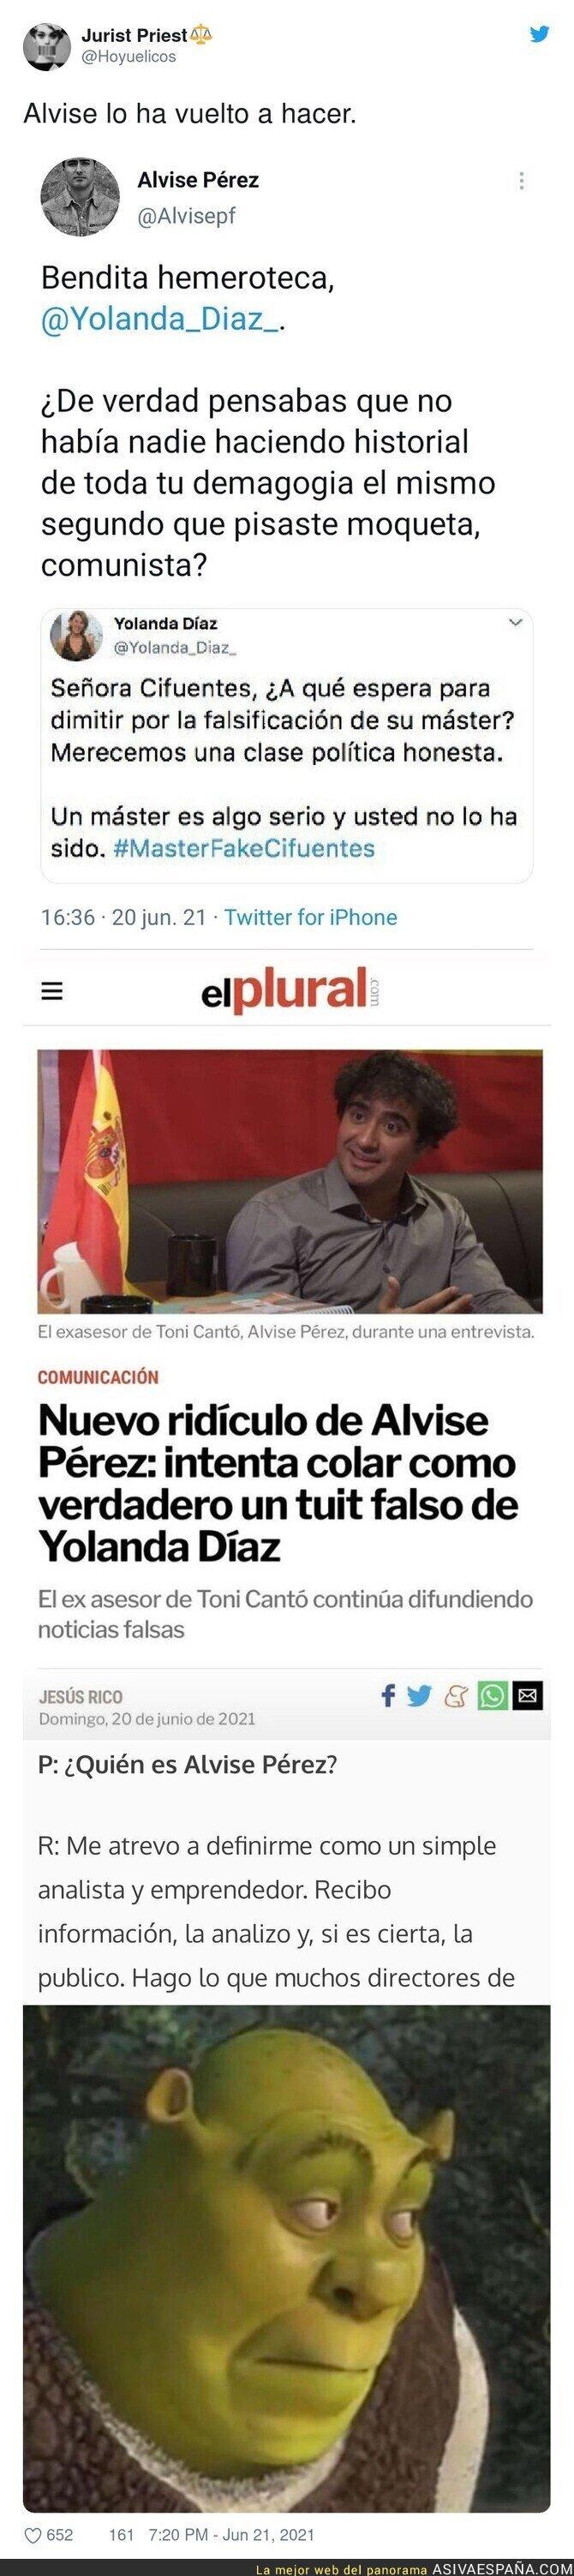 806600 - Es tremendo lo de Alvise Pérez como se cree sus propias mentiras